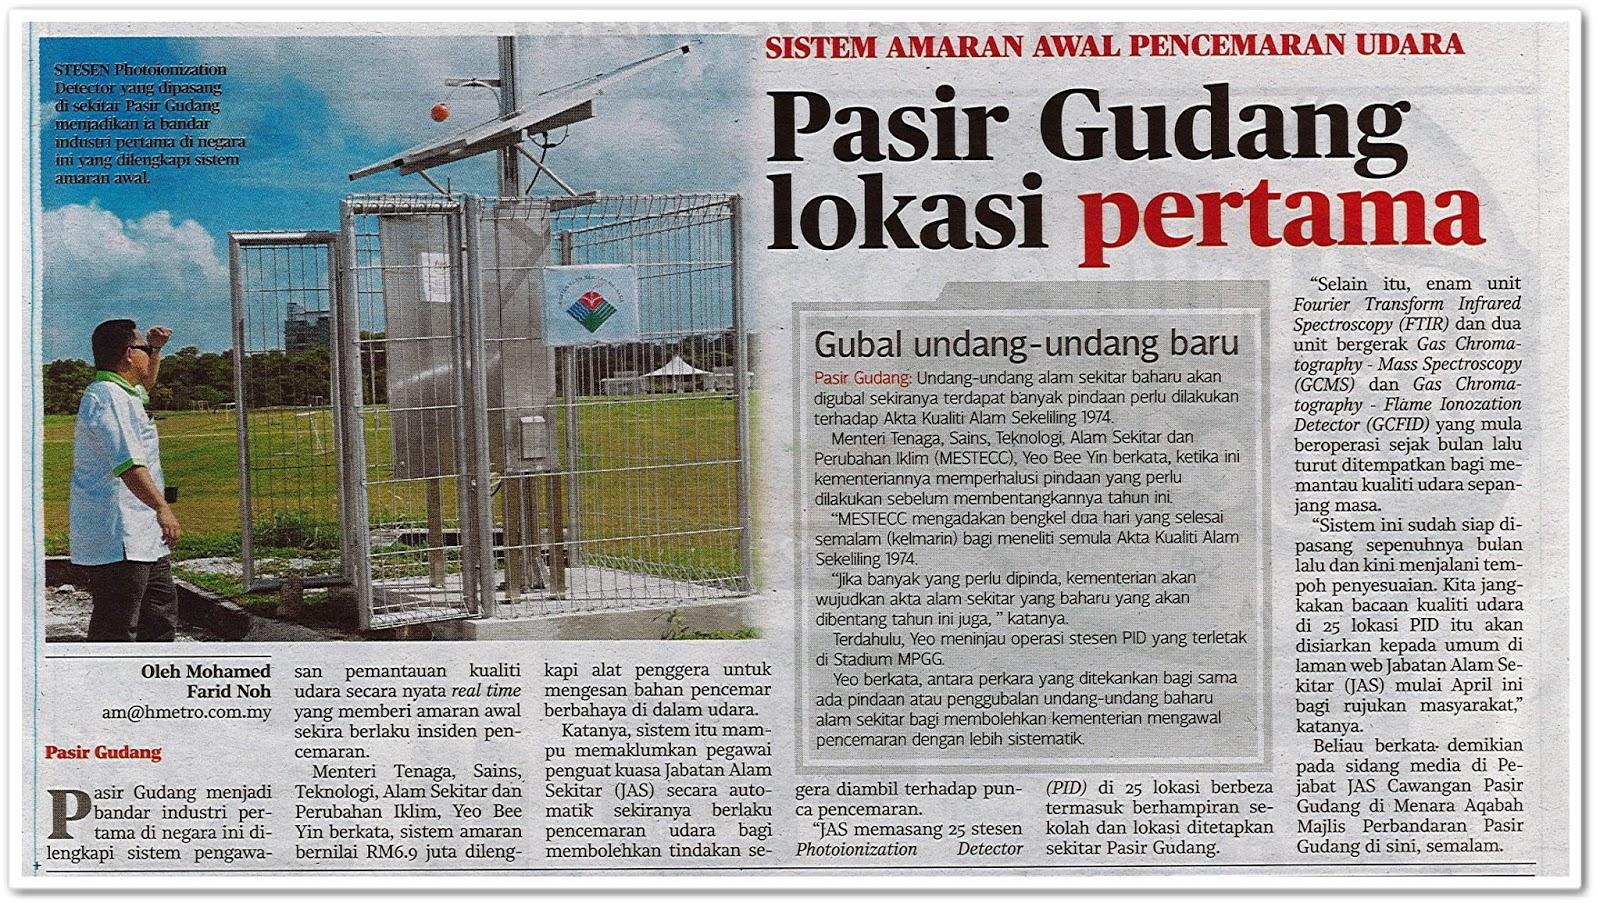 Pasir Gudang lokasi pertama ; sistem amaran awal pencemaran udara - Keratan akhbar Harian Metro 24 Februari 2020